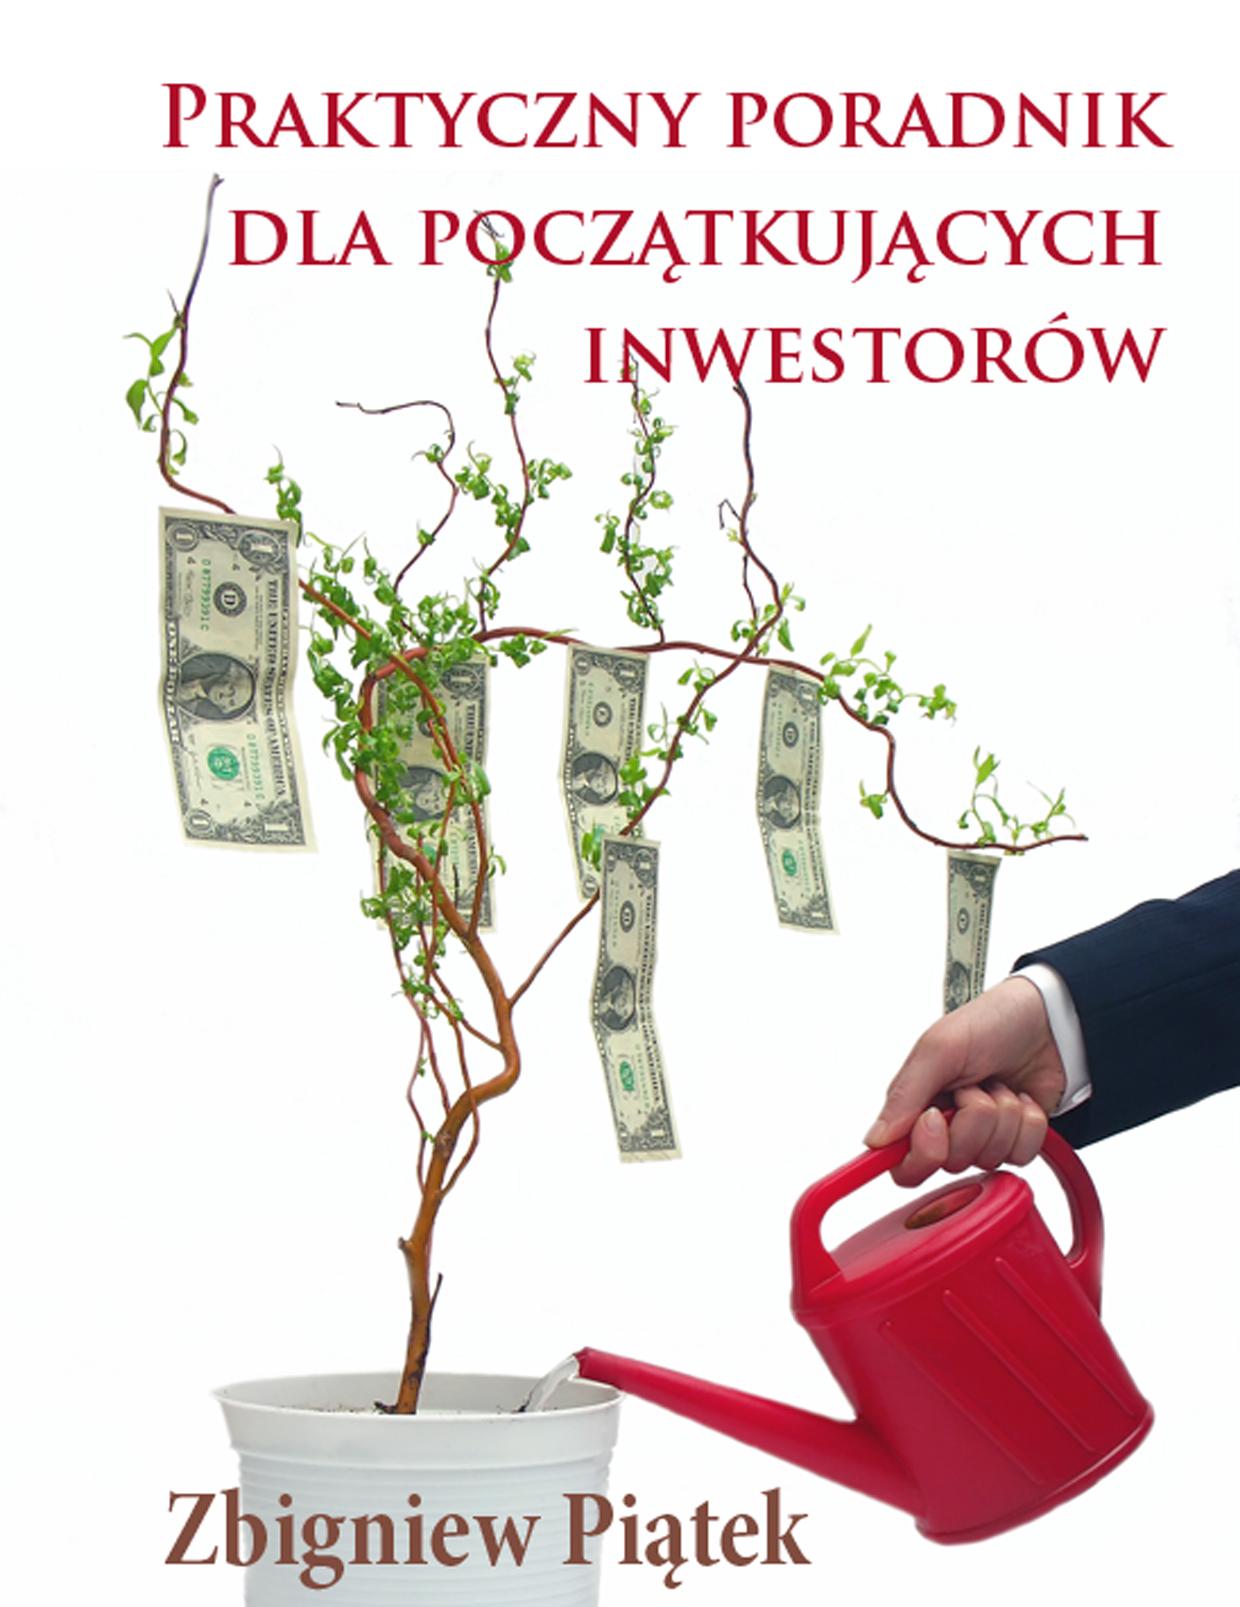 Zobacz więcej - Praktyczny poradnik dla początkujących inwestorów, eksiążki, Zbigniew Piątek, inwestowanie, zarabianie, e-książki, poradniki, eporadniki, biznes, finanse, giełda, zarządzanie, ekonomia, epartnerzy.com